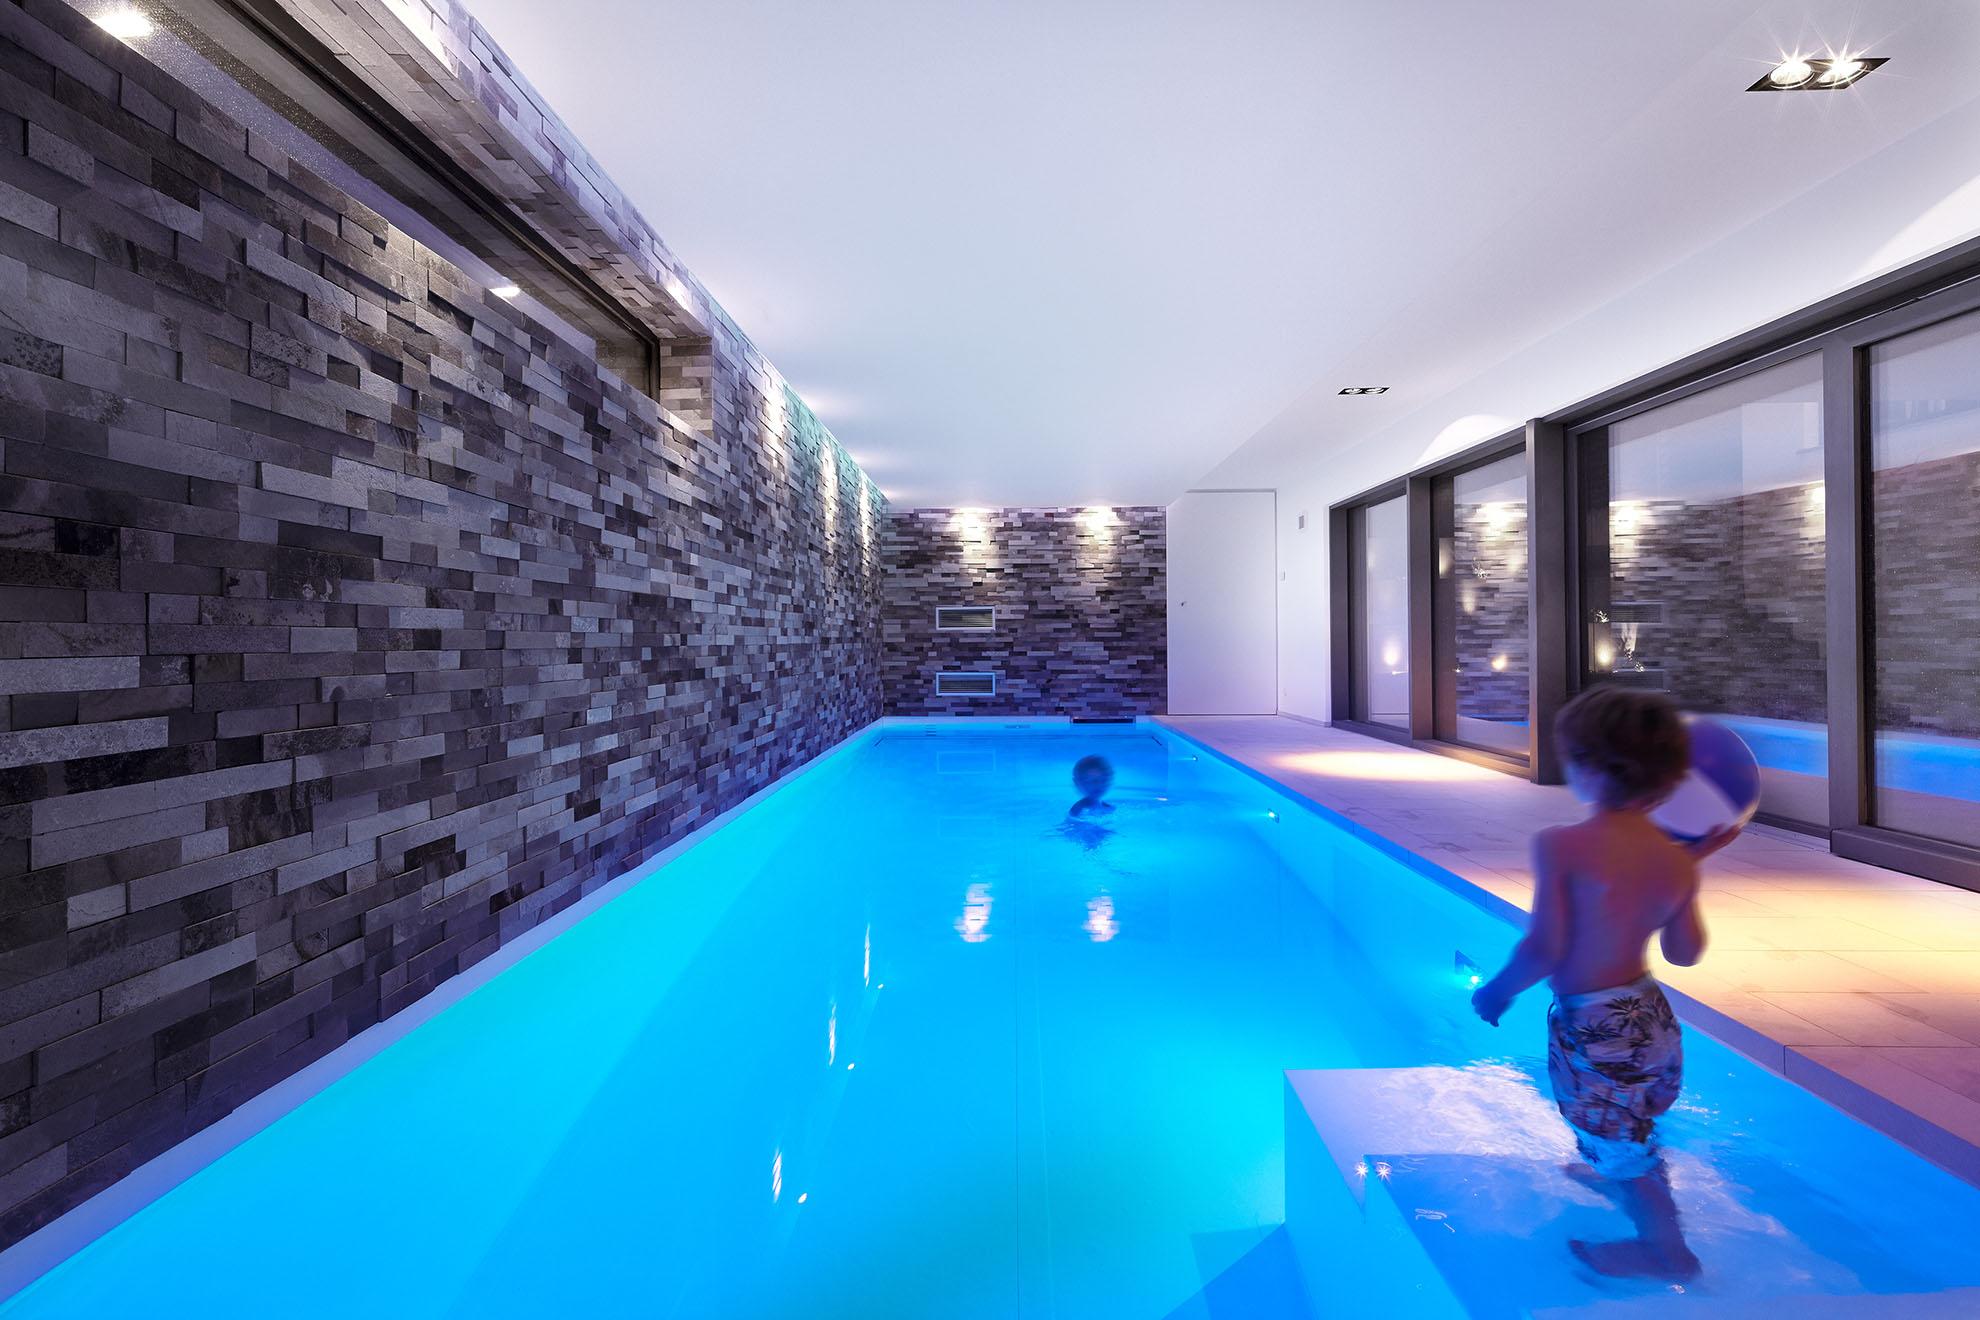 schwimmbad-im-untergeschoss